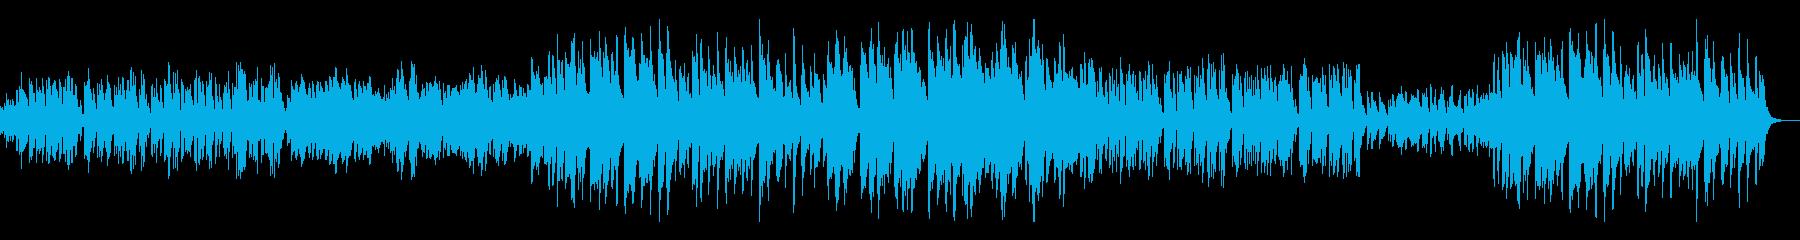 夢の中のお祭り/和風曲10-ピアノ他の再生済みの波形